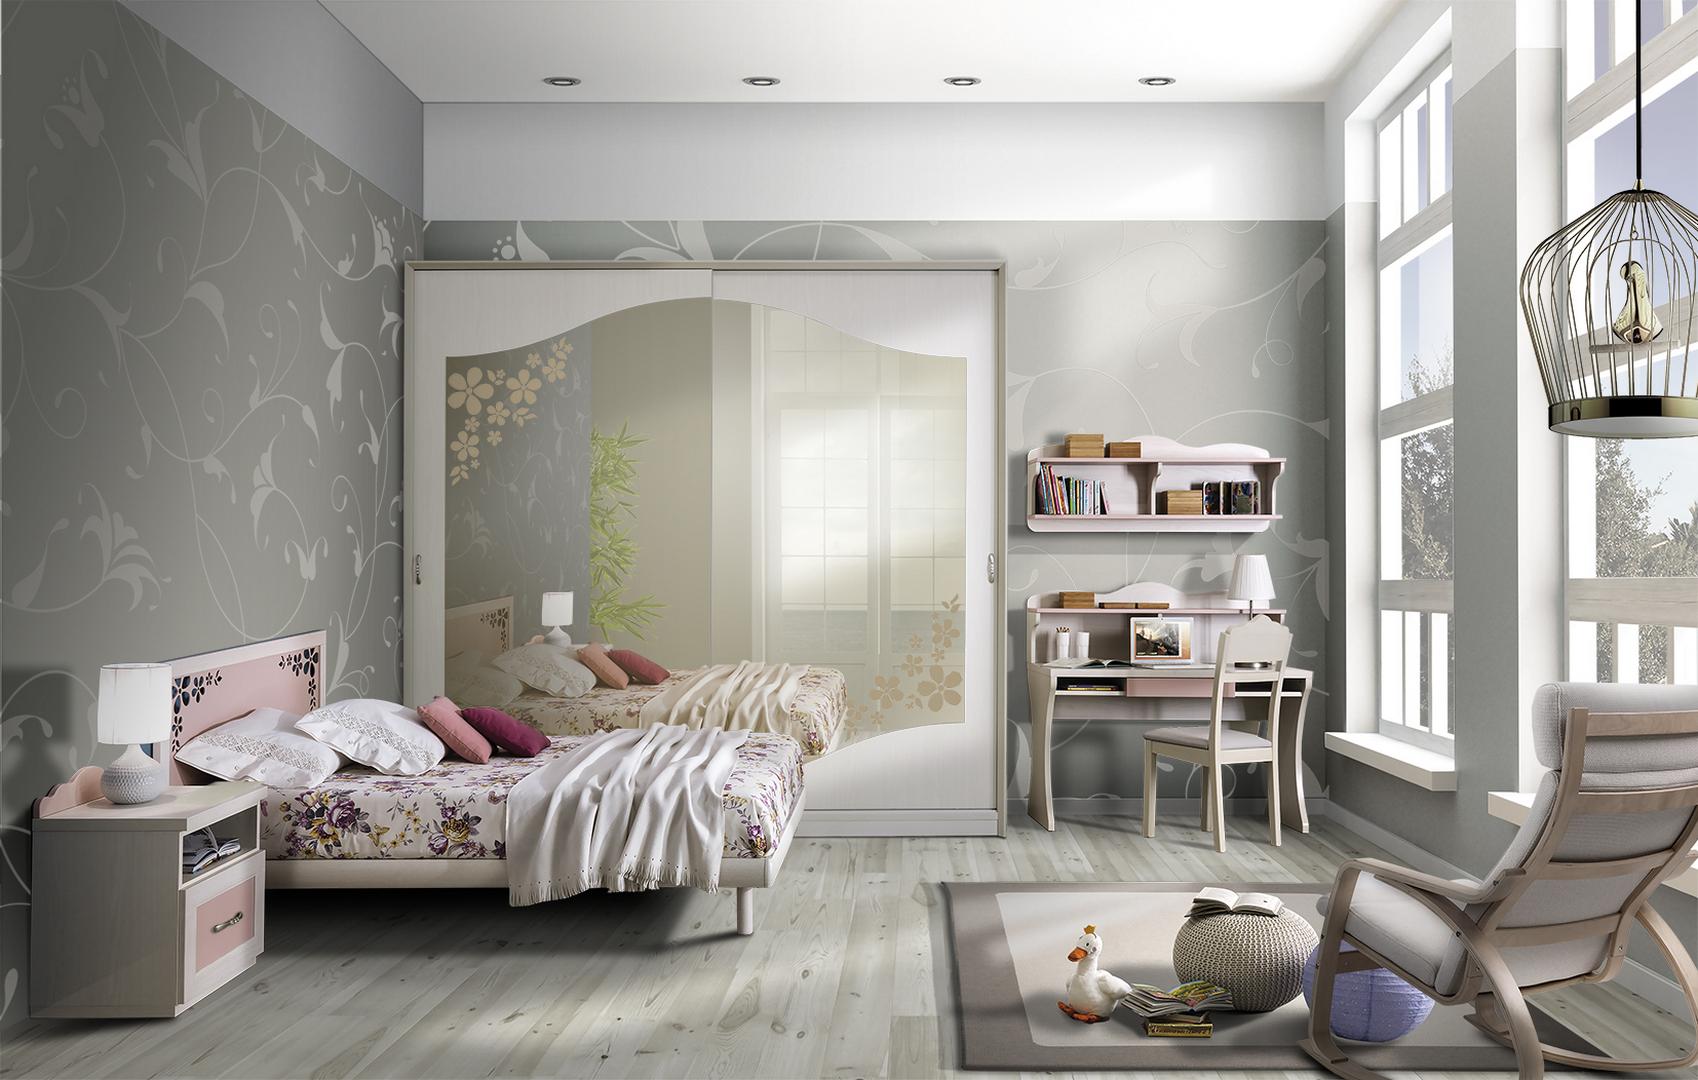 Giessegi mondo convenienza best camera da letto con cabina armadio mondo convenienza bambini - Giessegi mobili opinioni ...